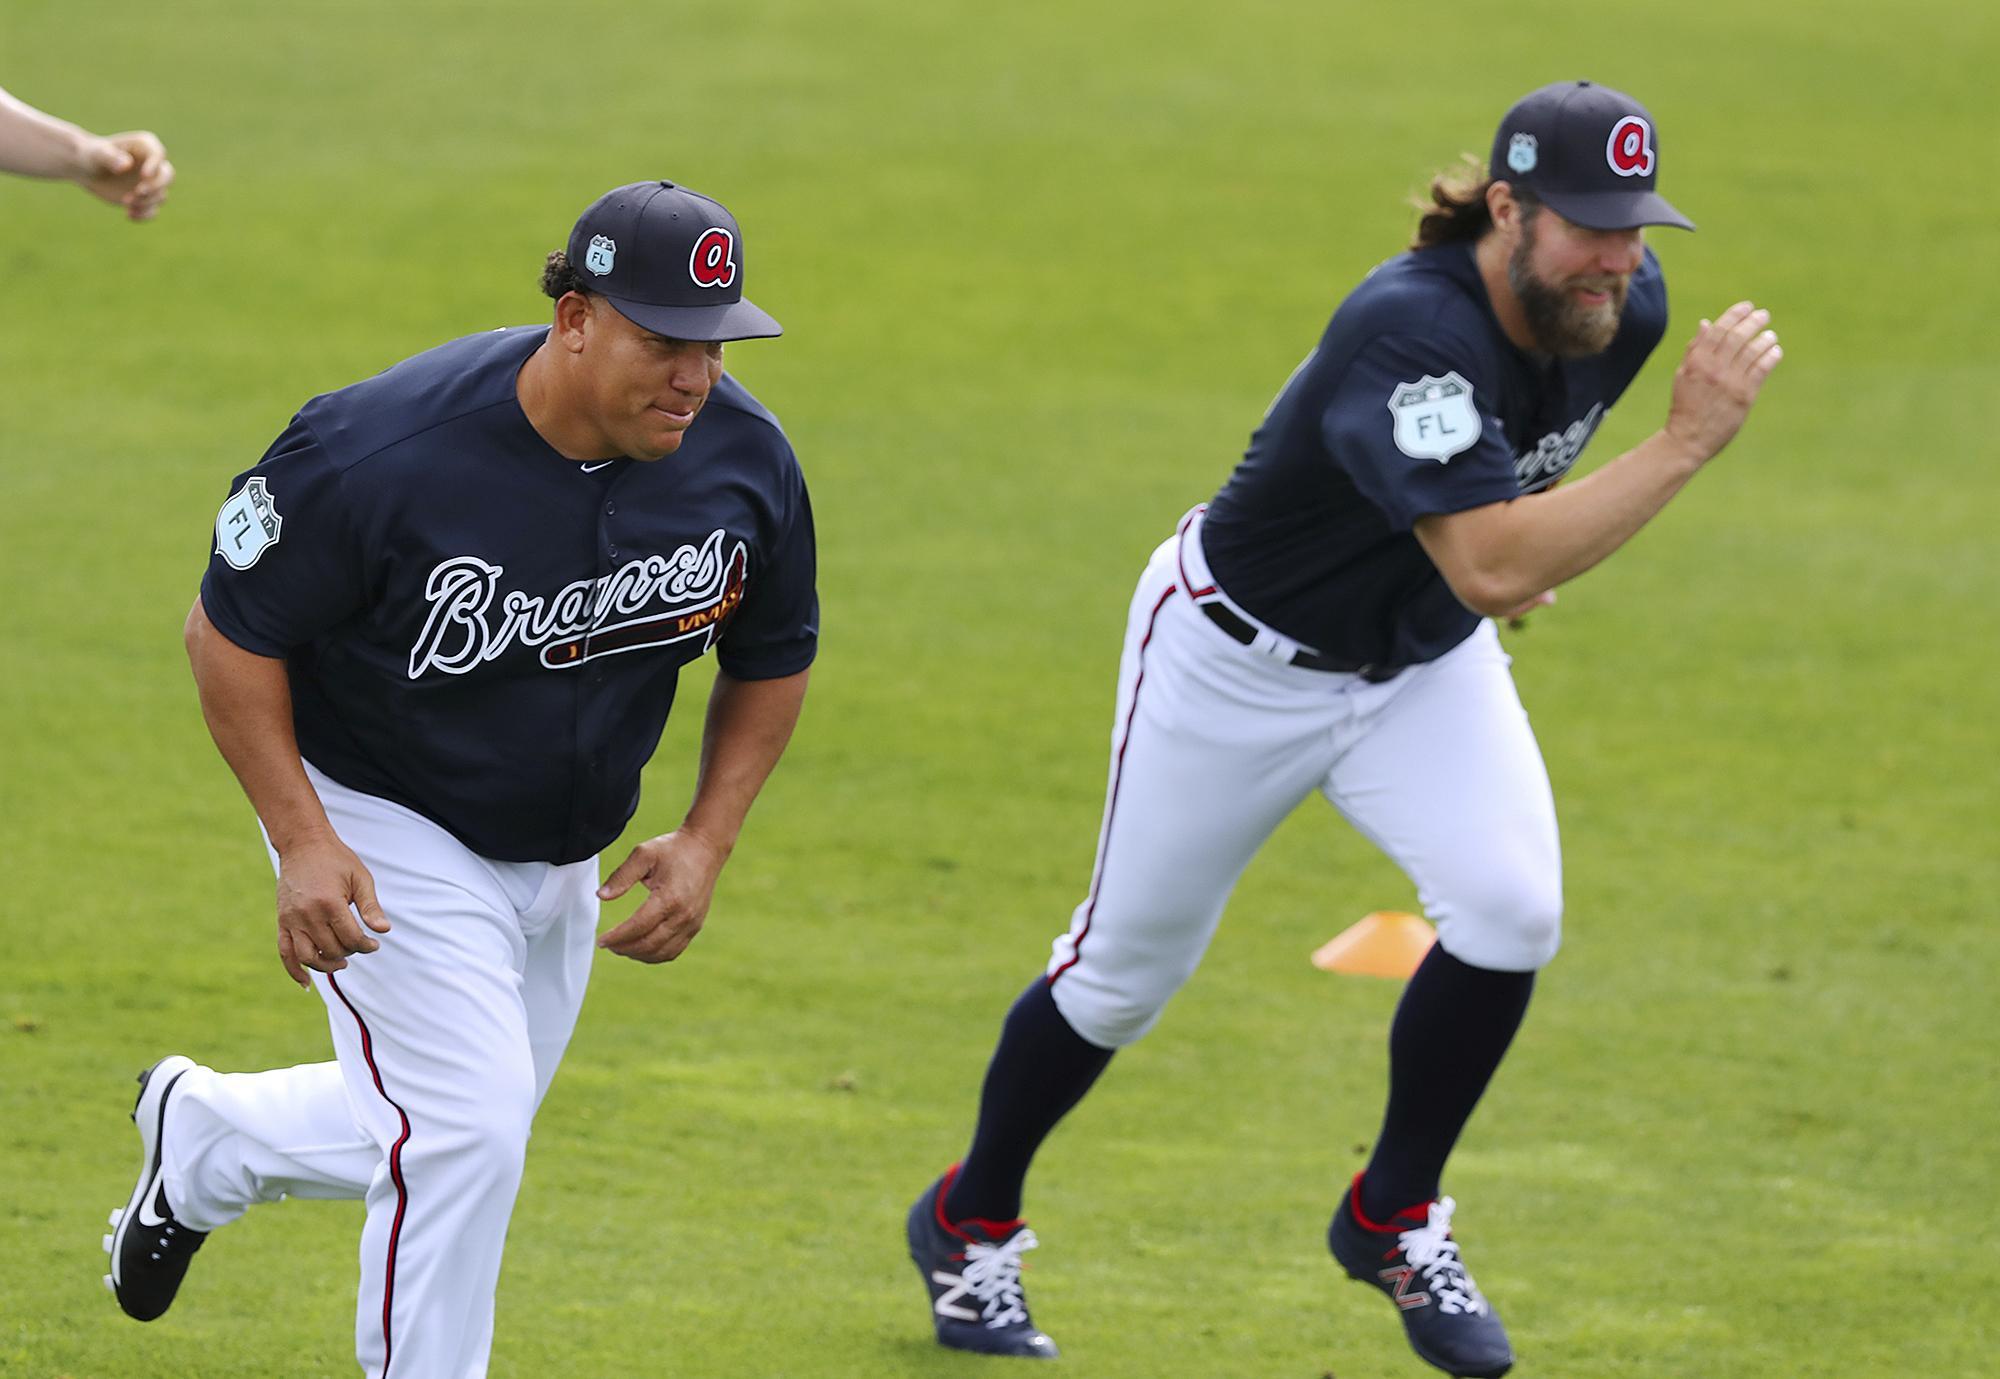 Braves_spring_baseball_27403